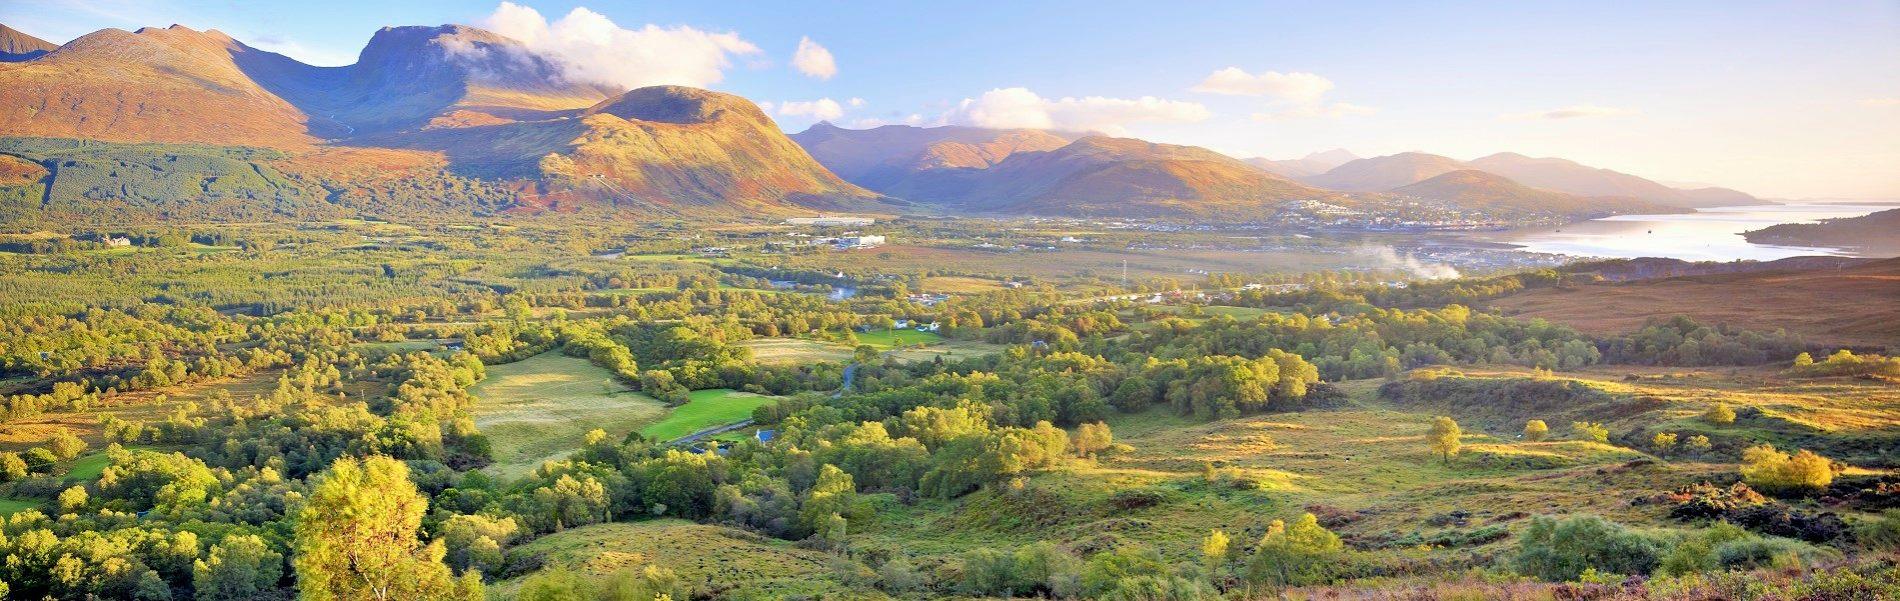 Scotland Tours - Ben Nevis